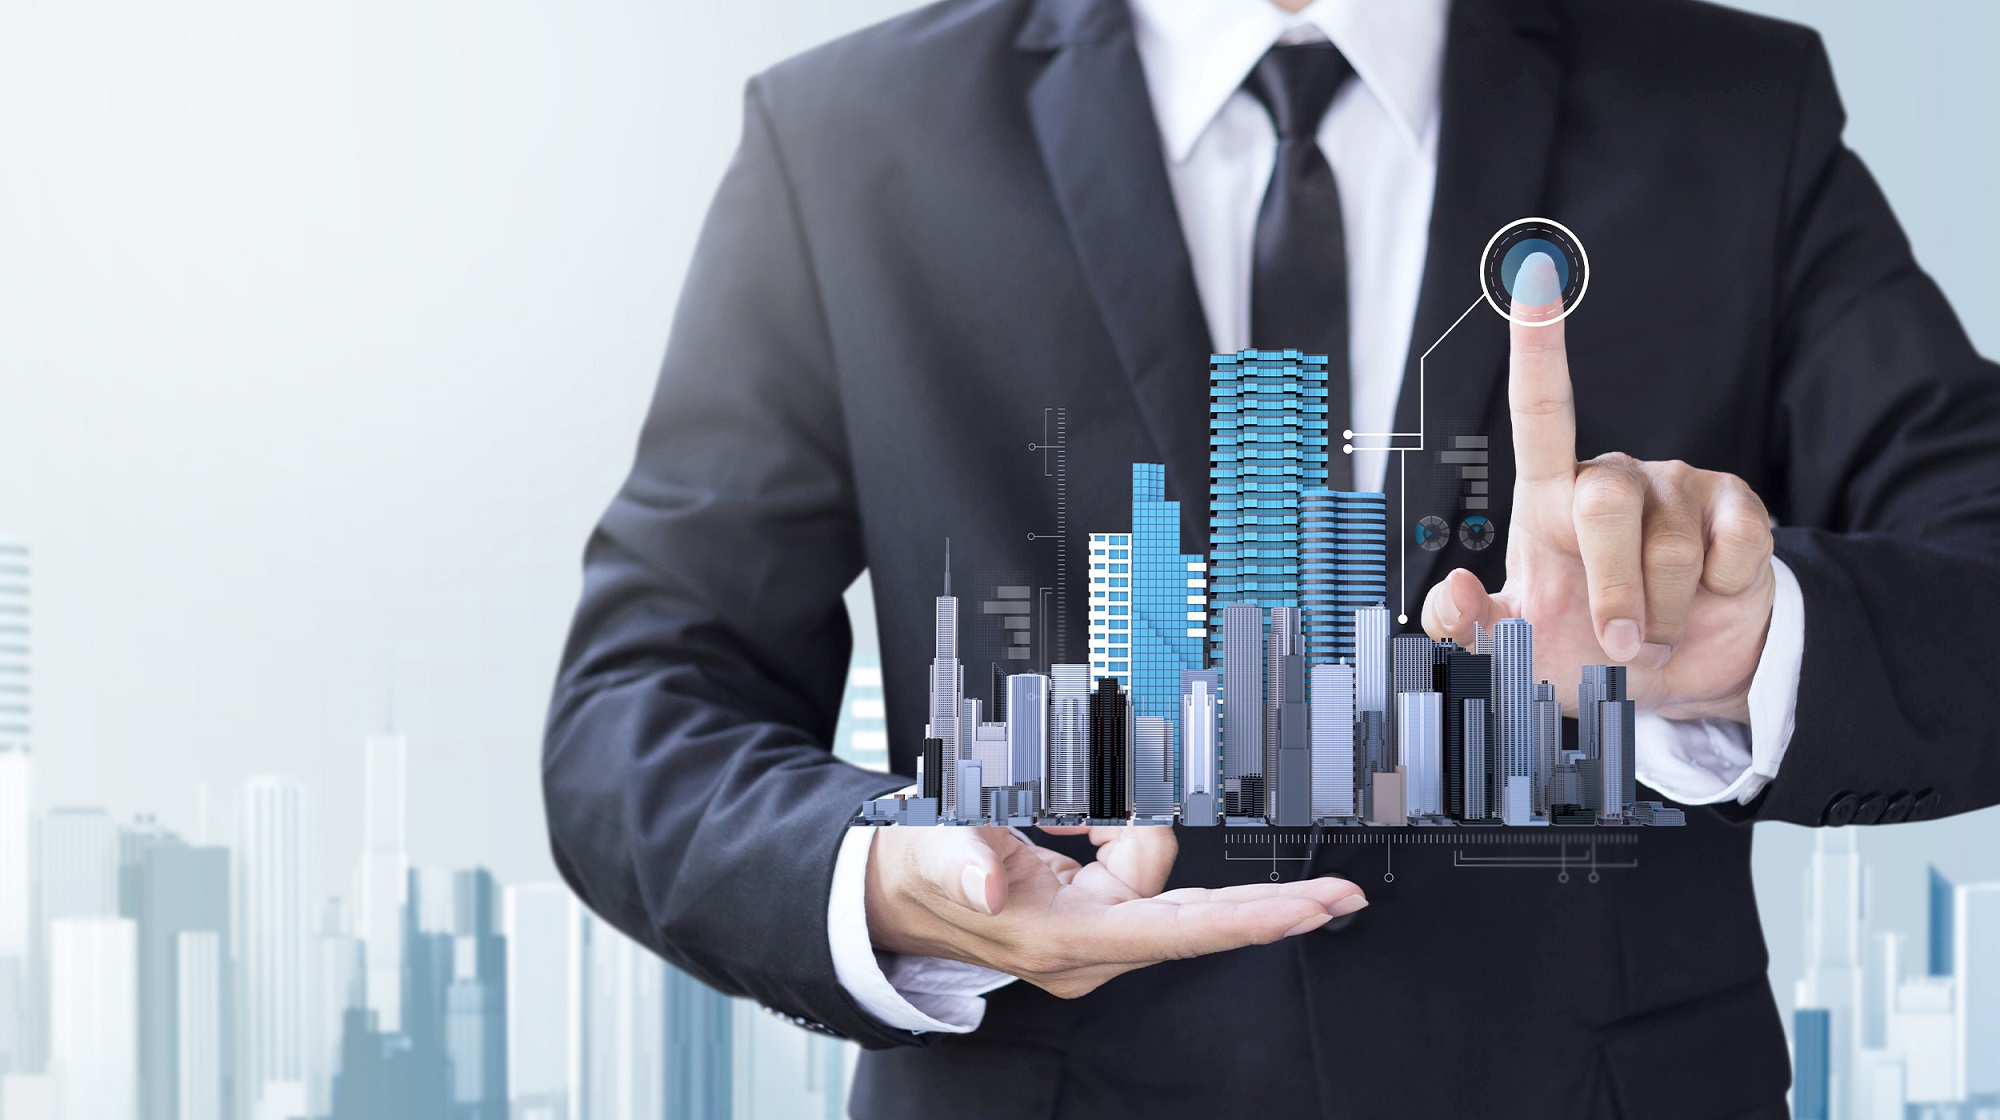 Kinh nghiệm kinh doanh bất động sản hiệu quả